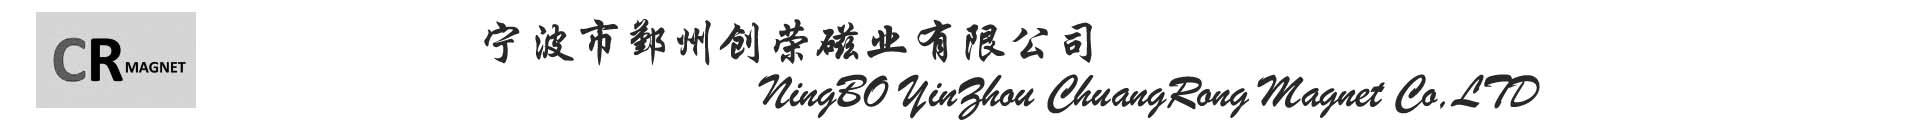 宁波市鄞州创荣磁业有限公司